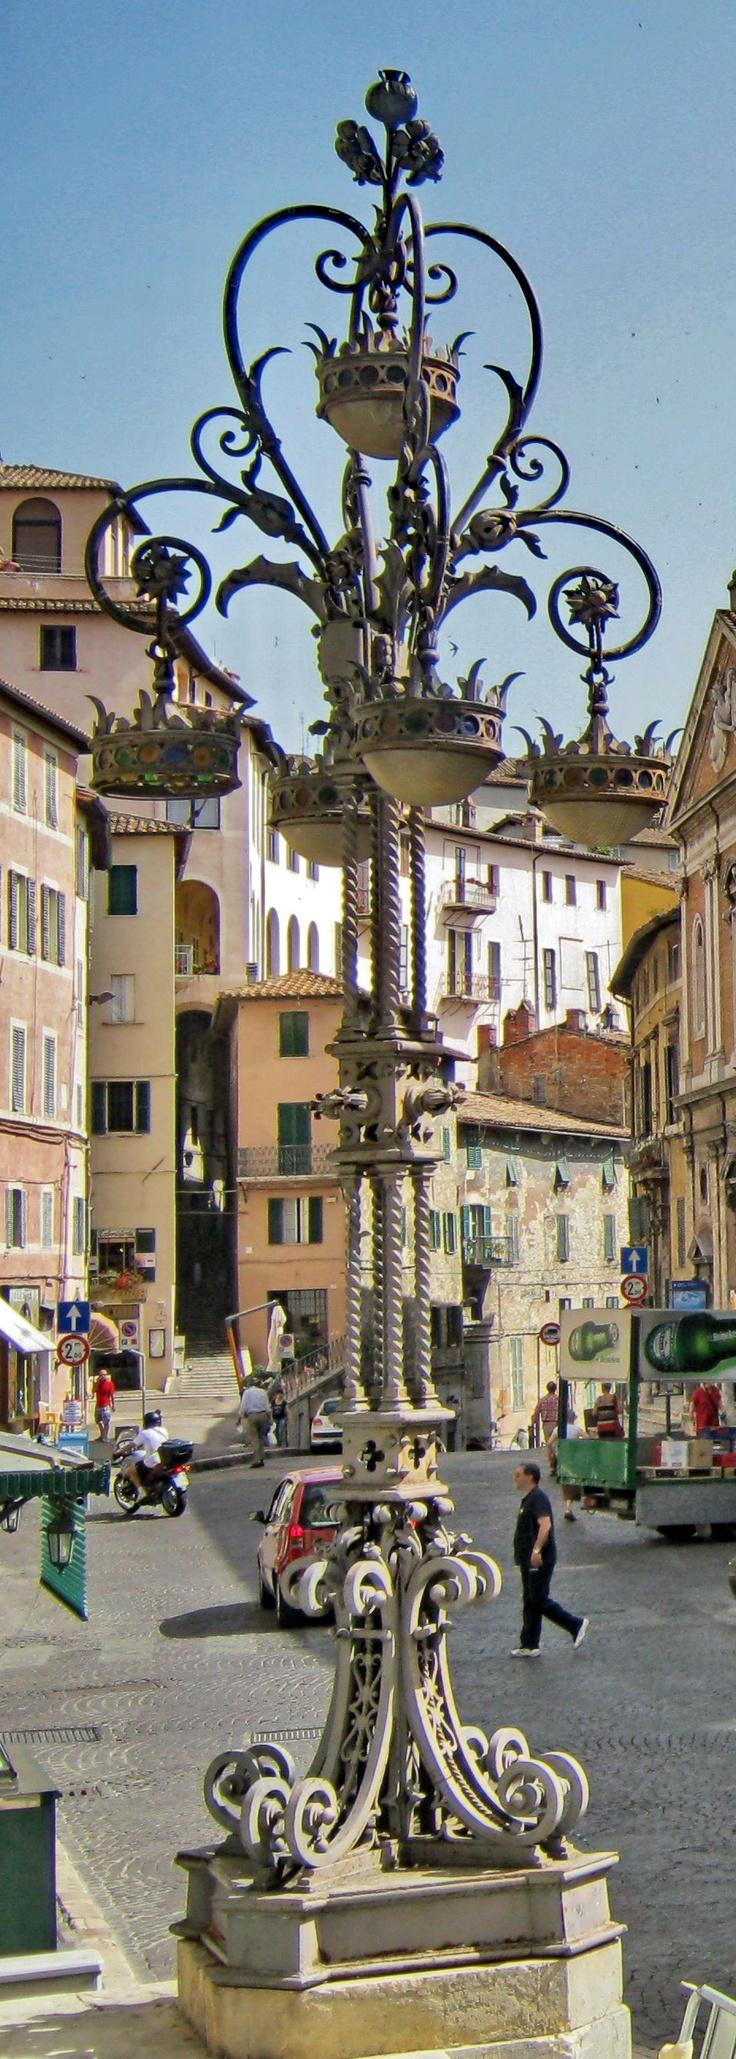 Perugia, Umbria, Italy                                                                                                                                                      More